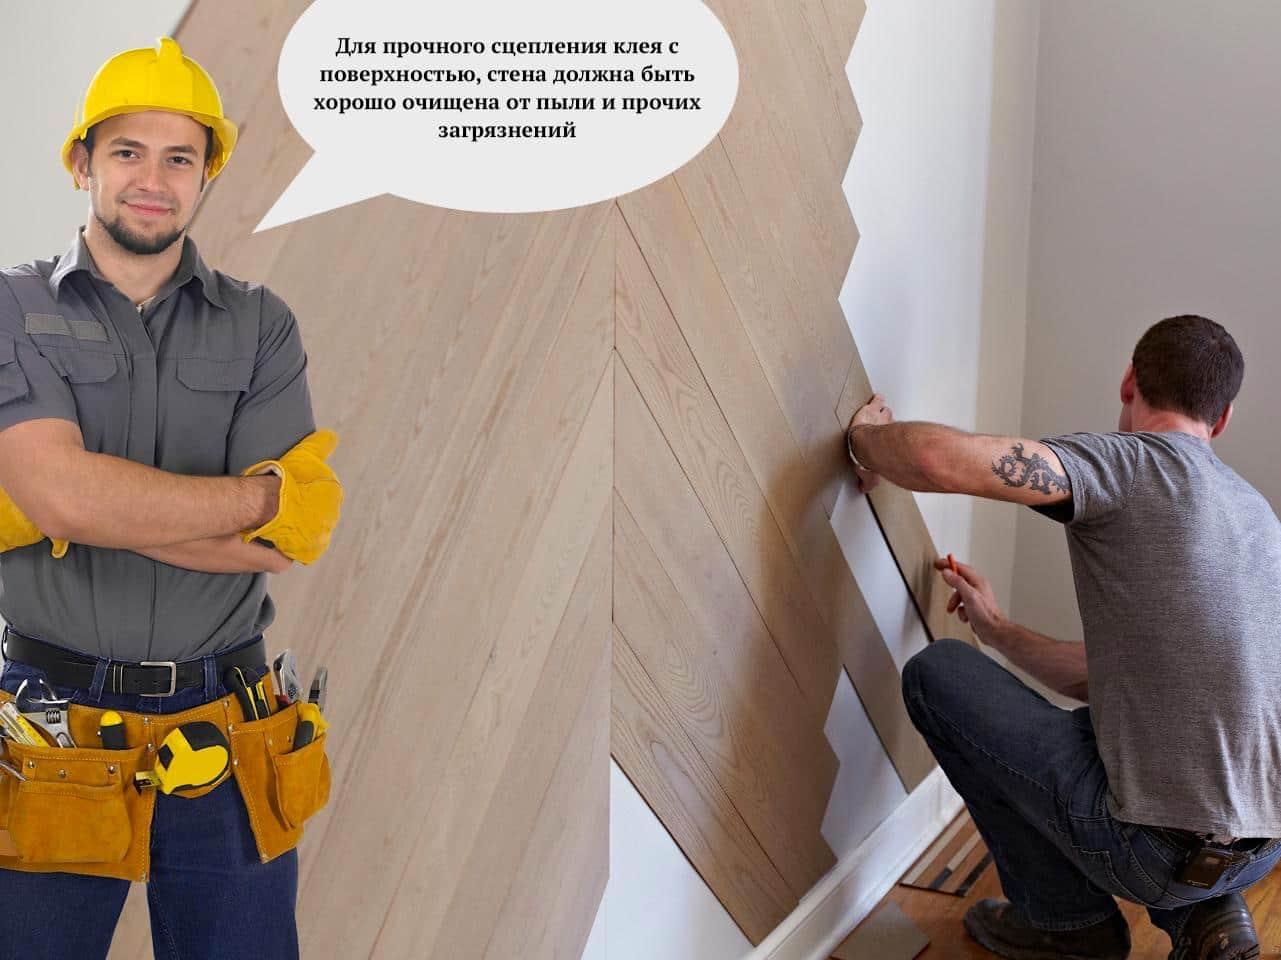 Крепление ламината на стену своими руками с помощью клея